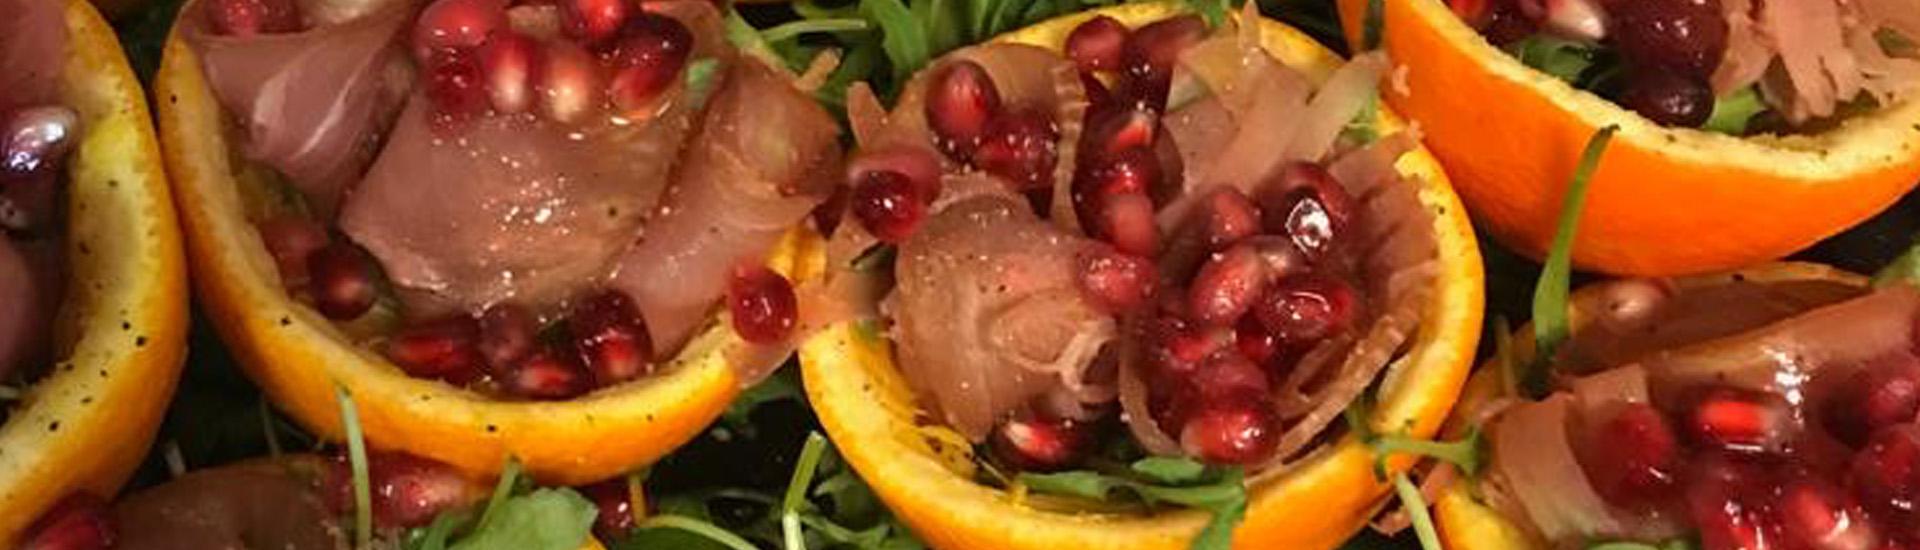 cathering-Da-Tano-italiaanse-smaak